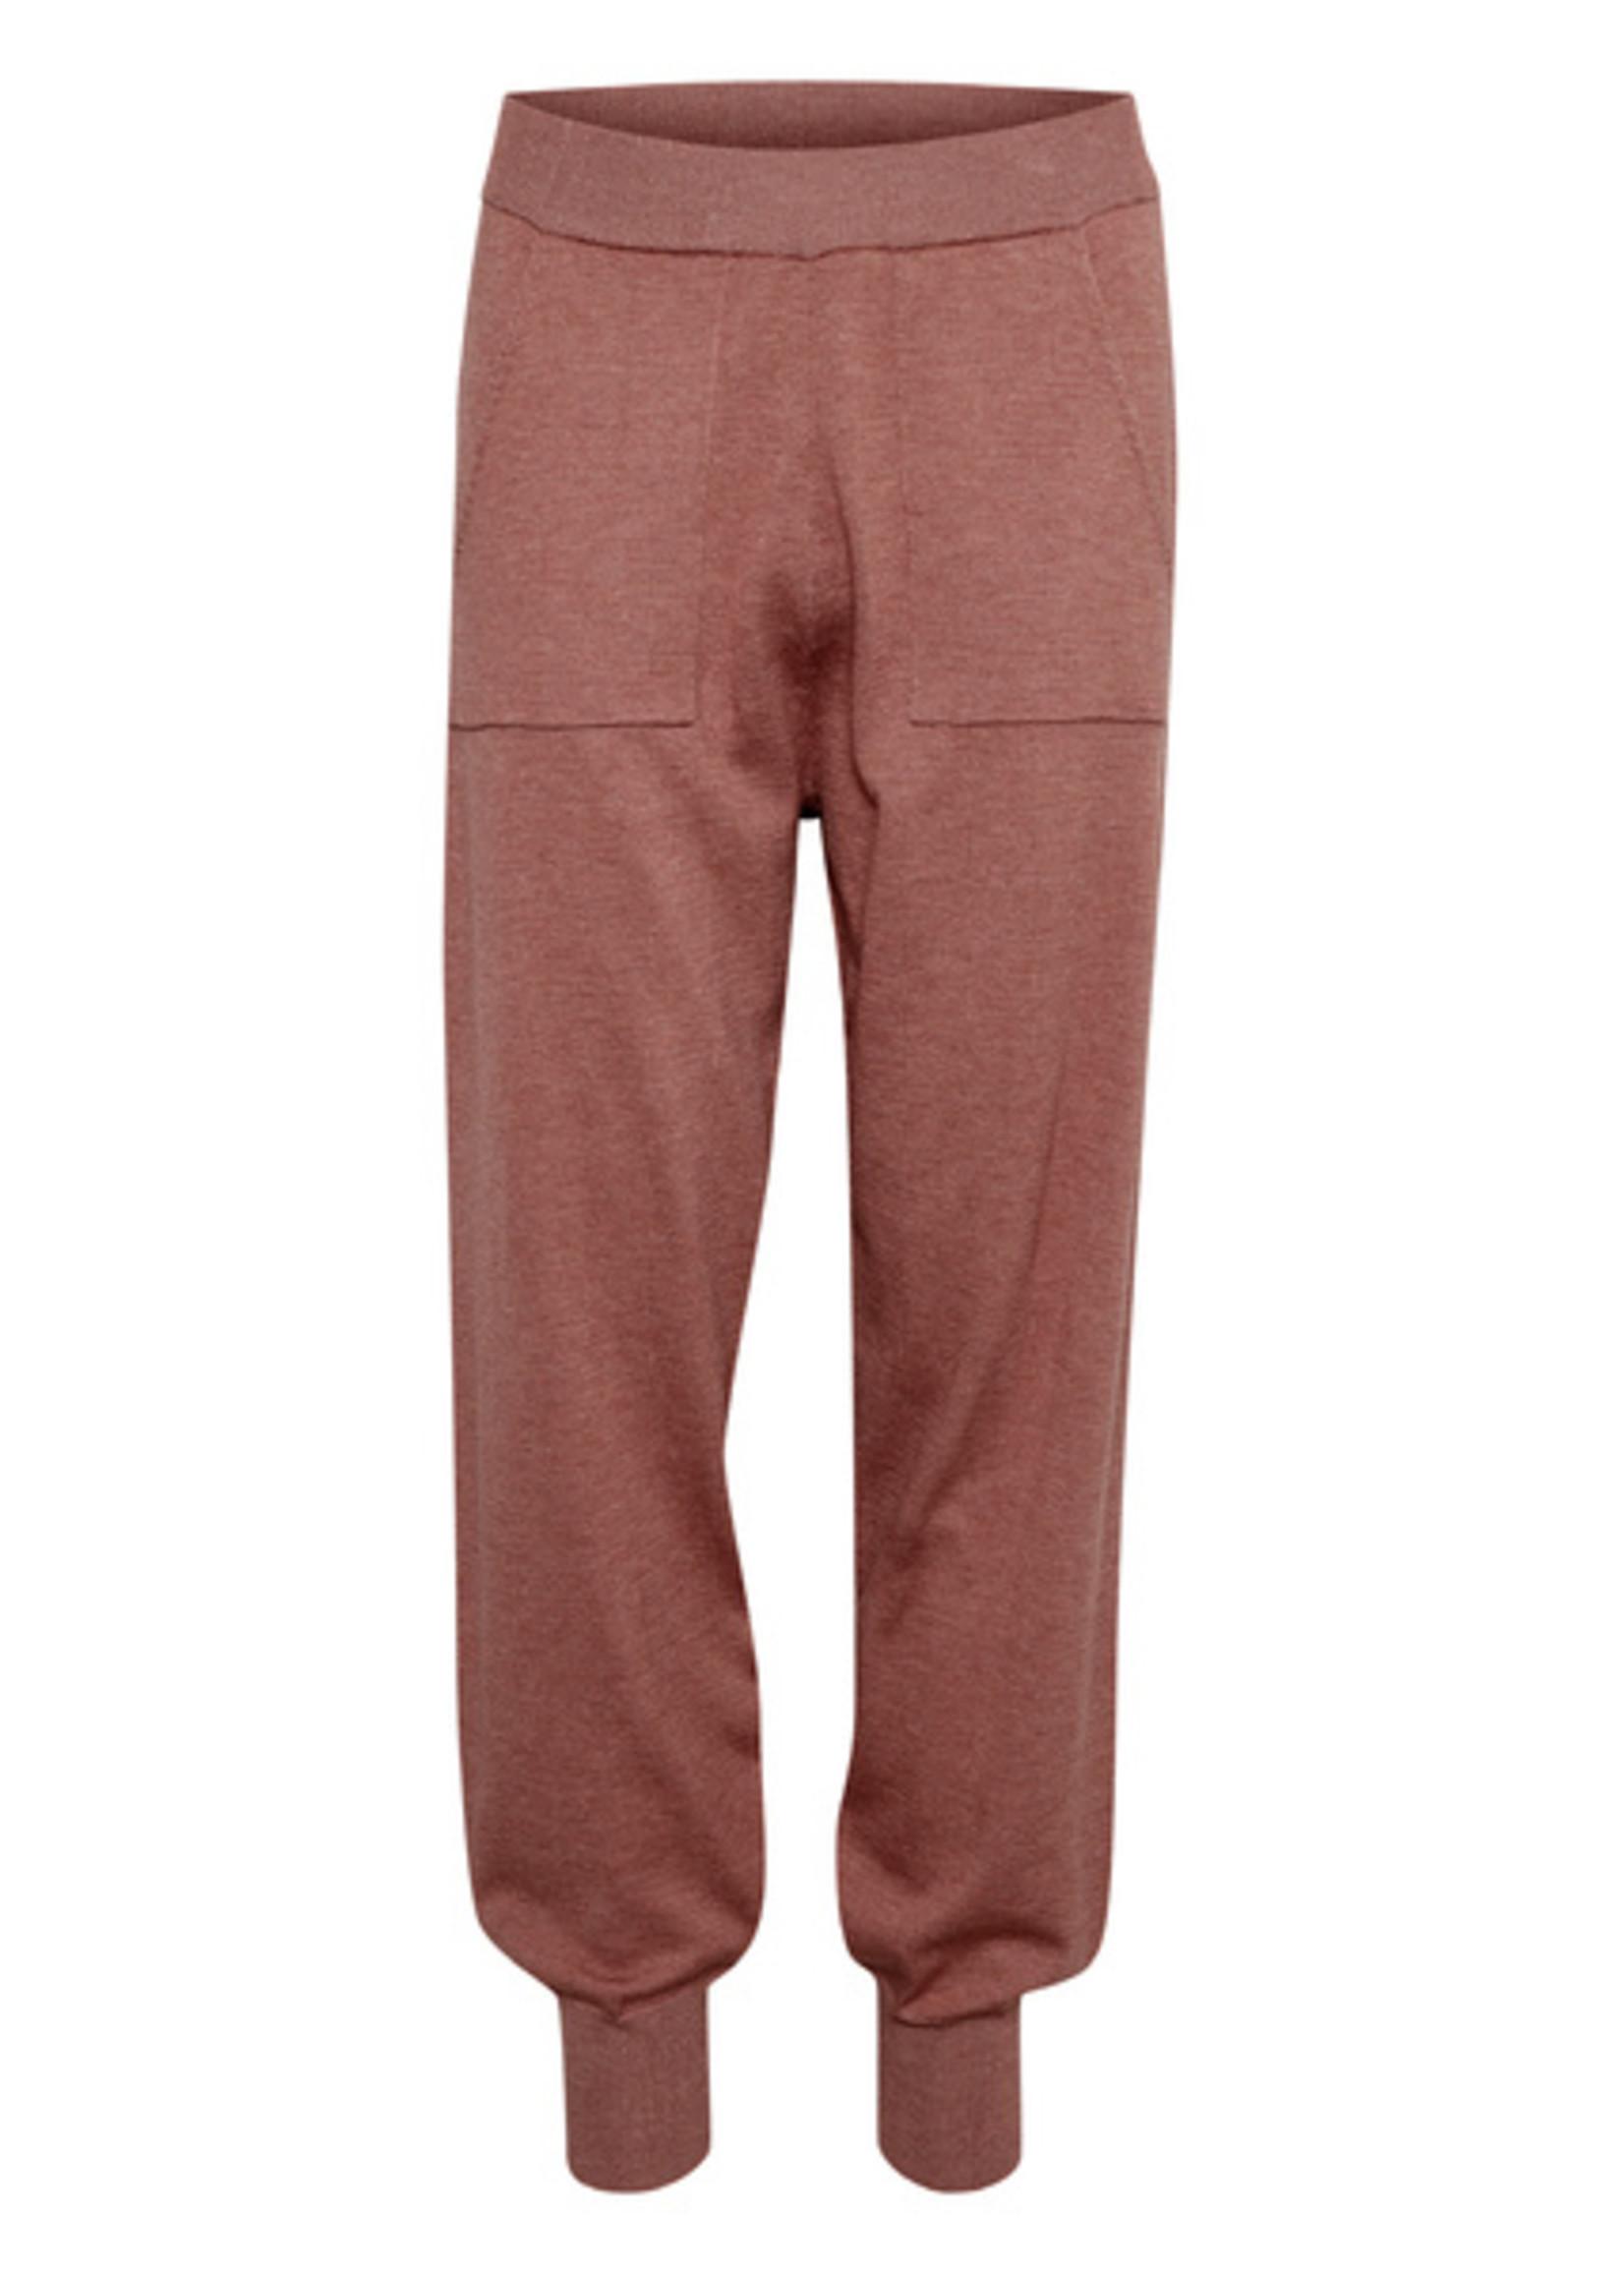 Saint Tropez Pants Casual AdithaSZ Pants